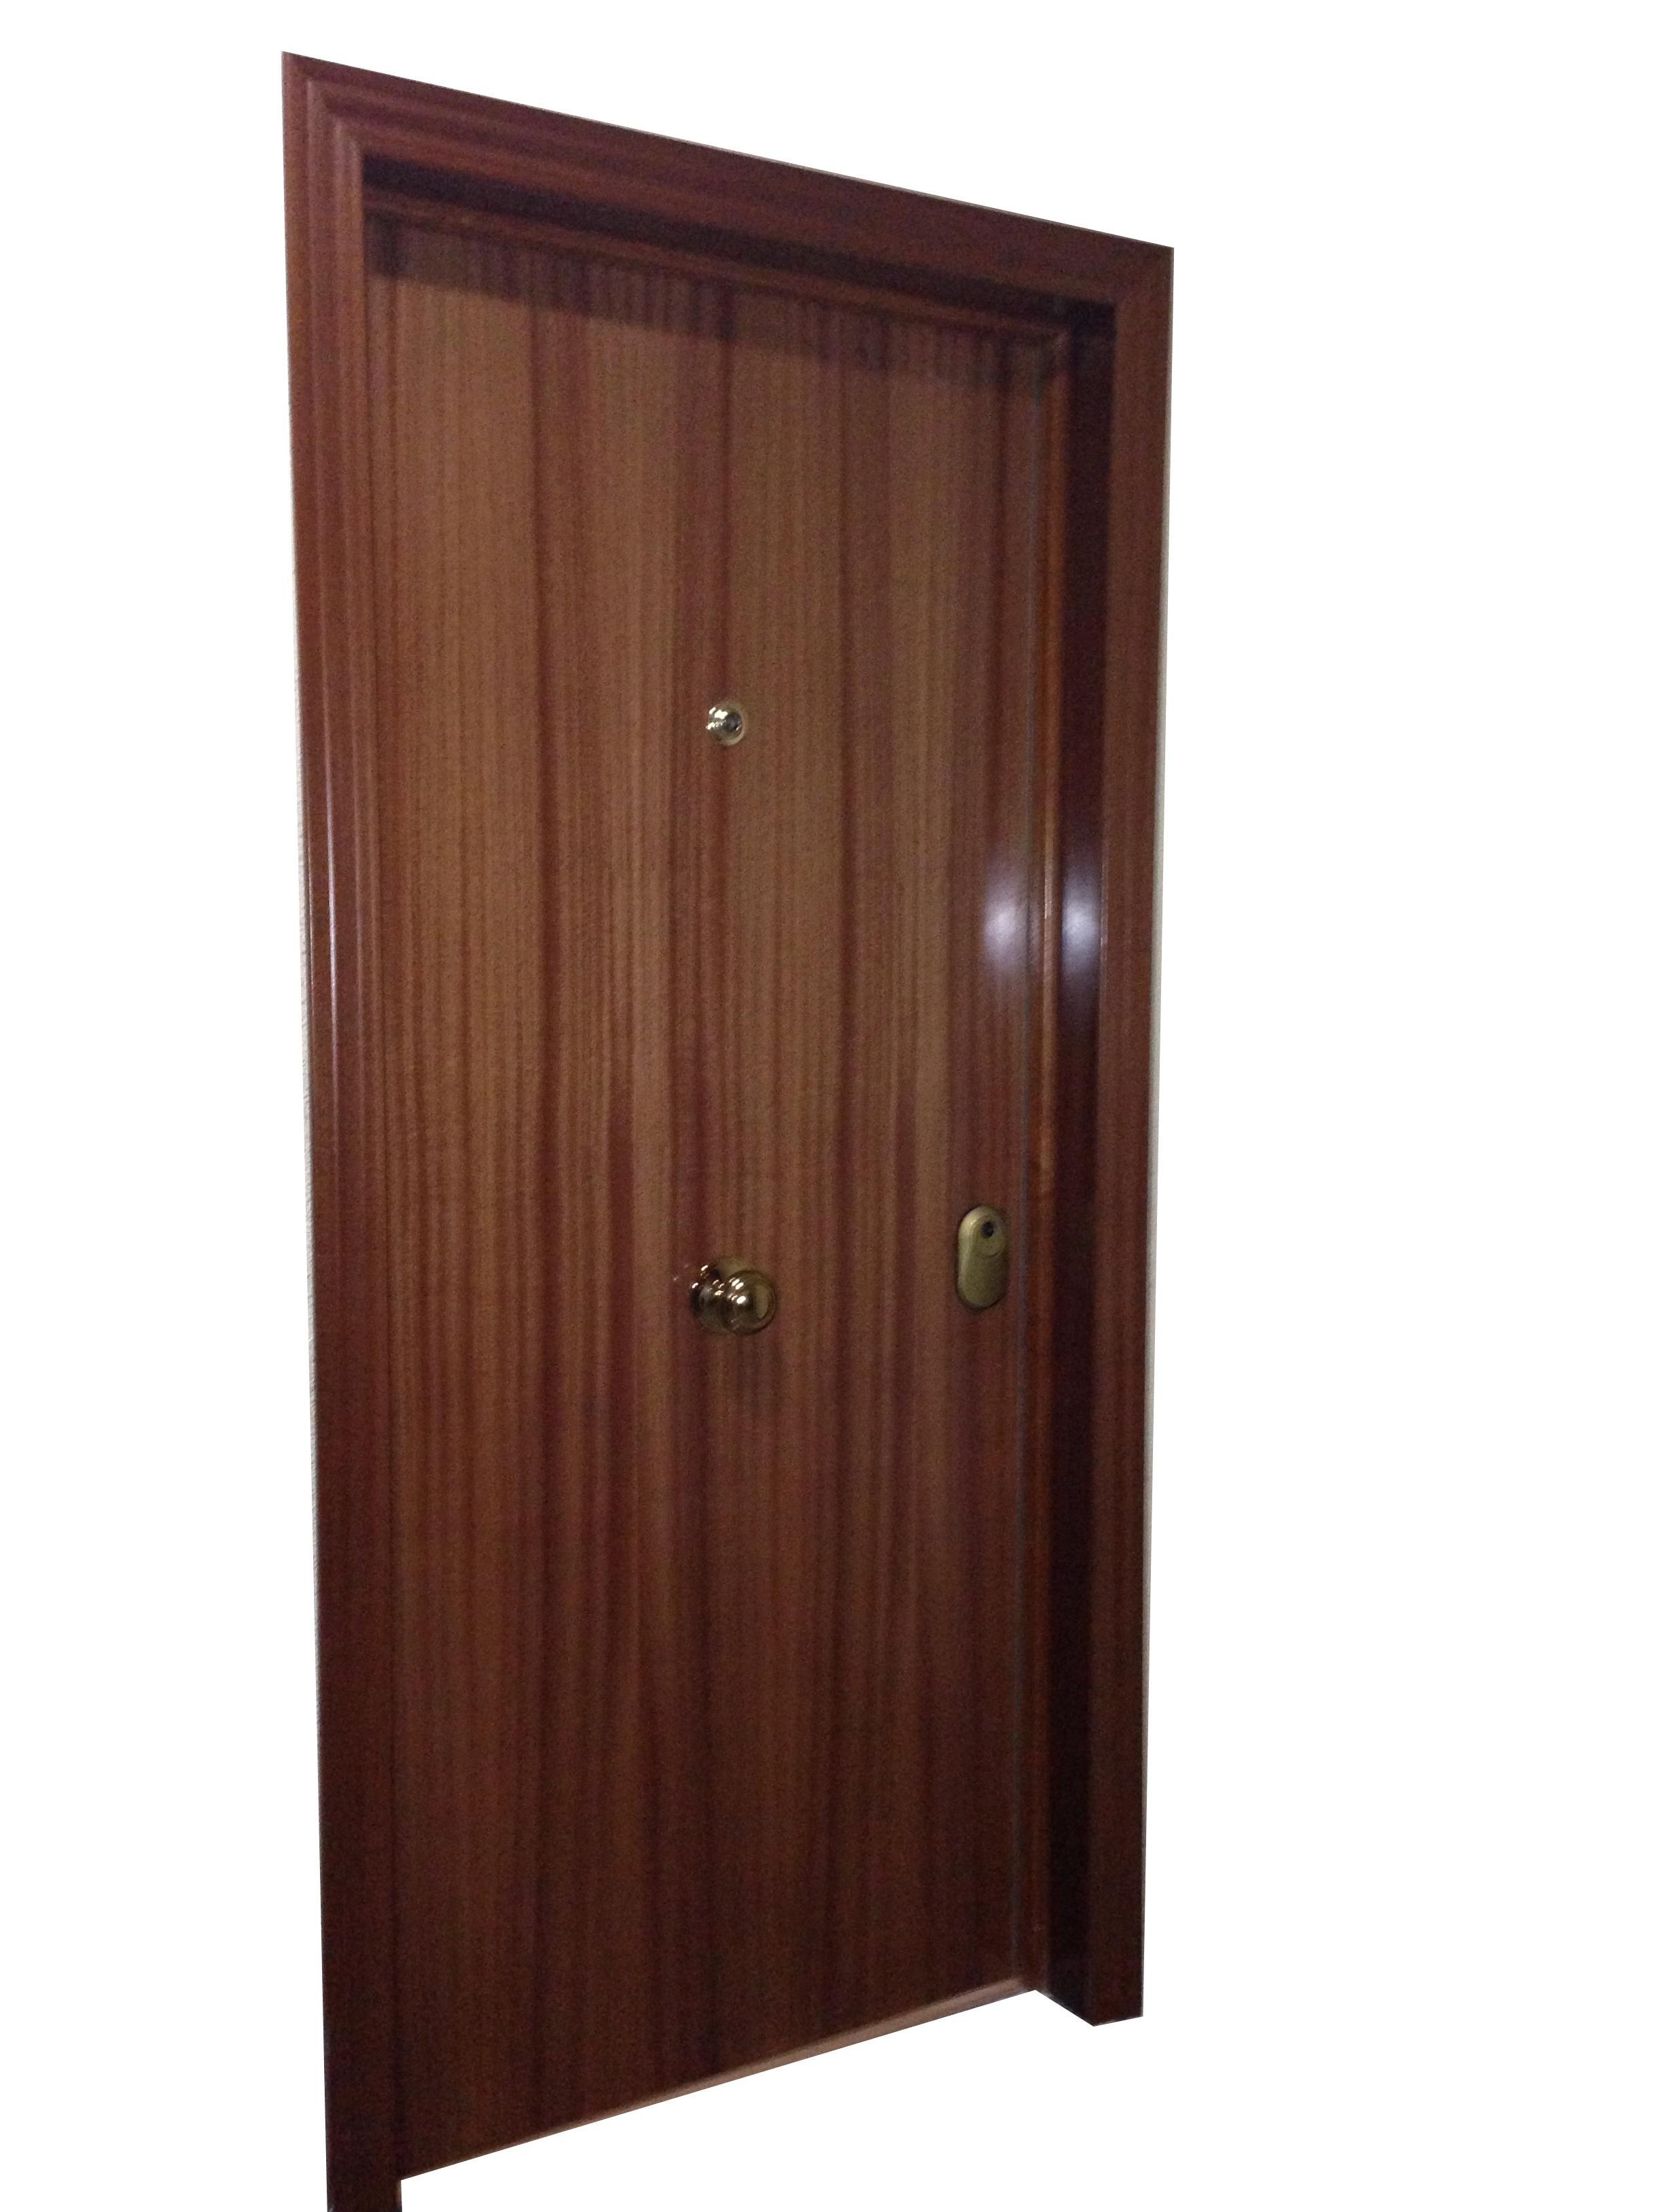 Casa residencial familiar instalacion de puertas roble for Instalacion de puertas